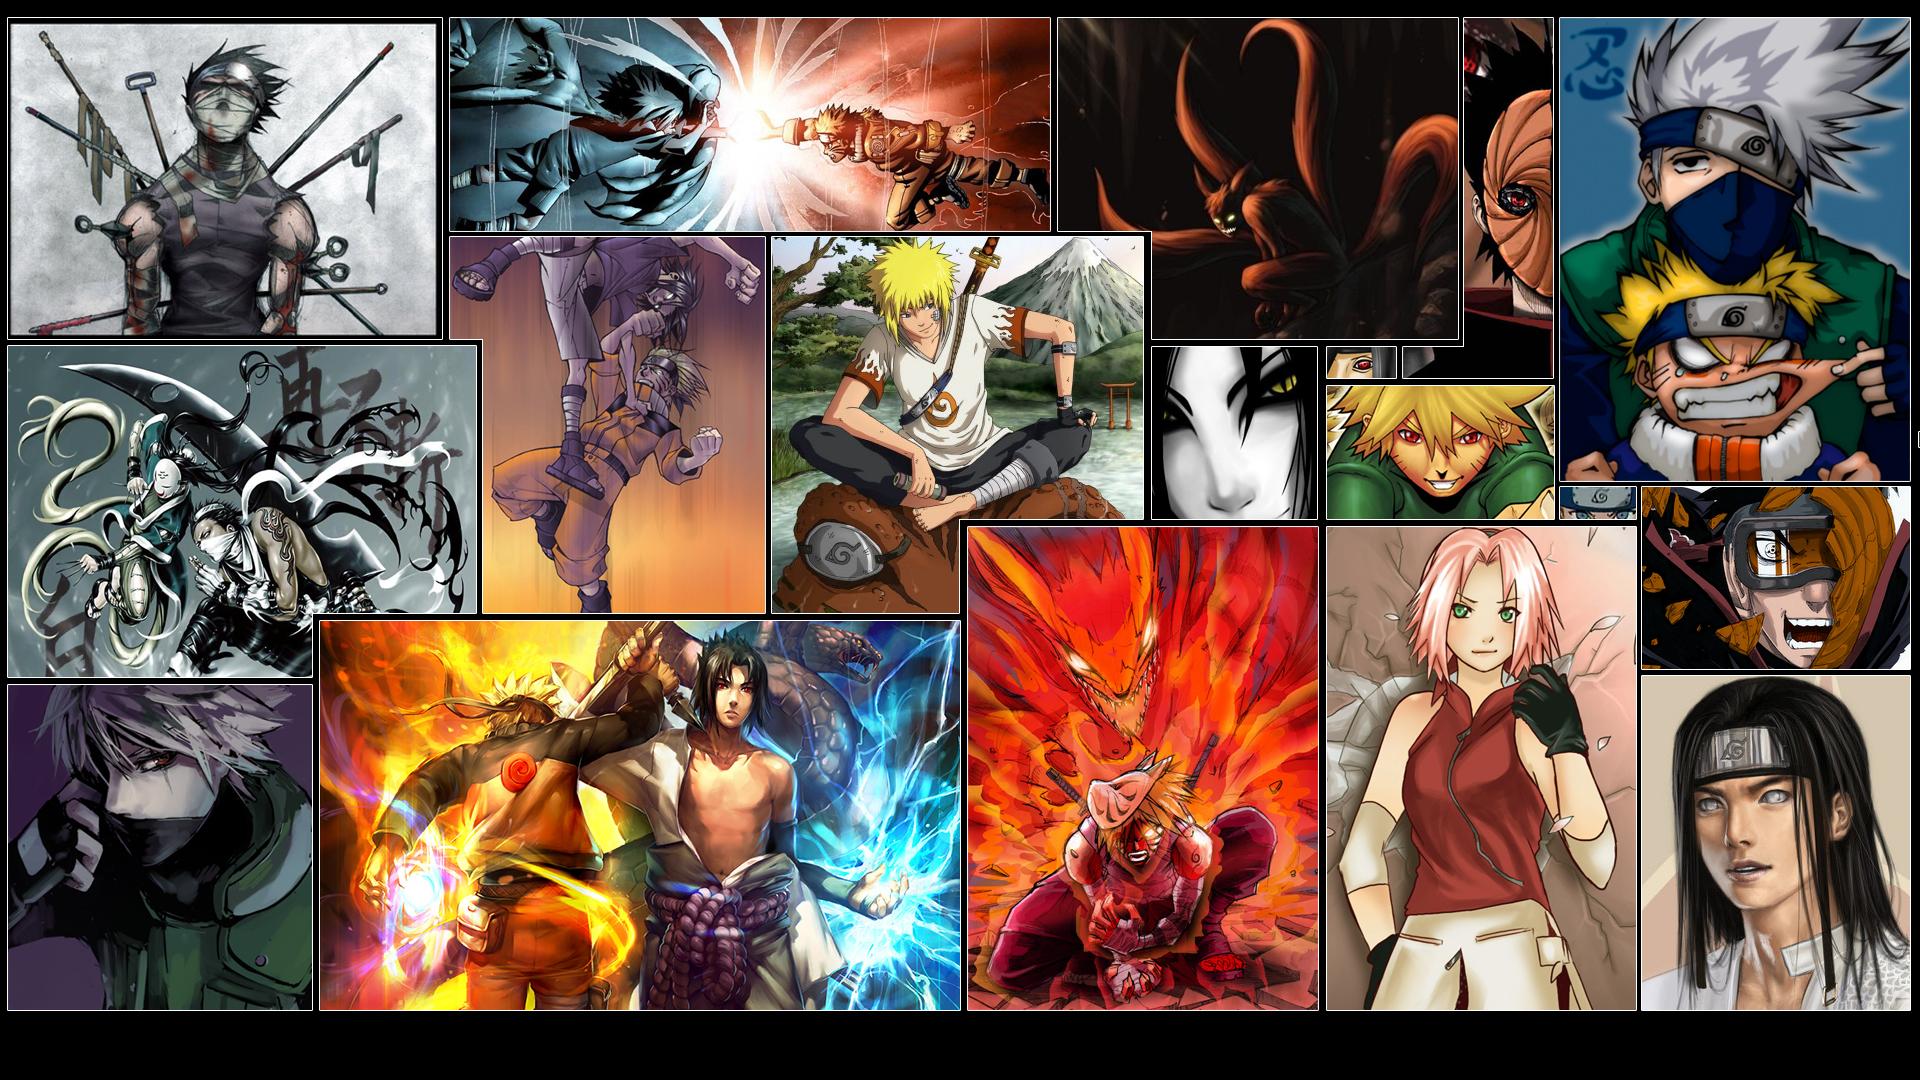 Naruto Wallpapers Hd wallpaper - 272963